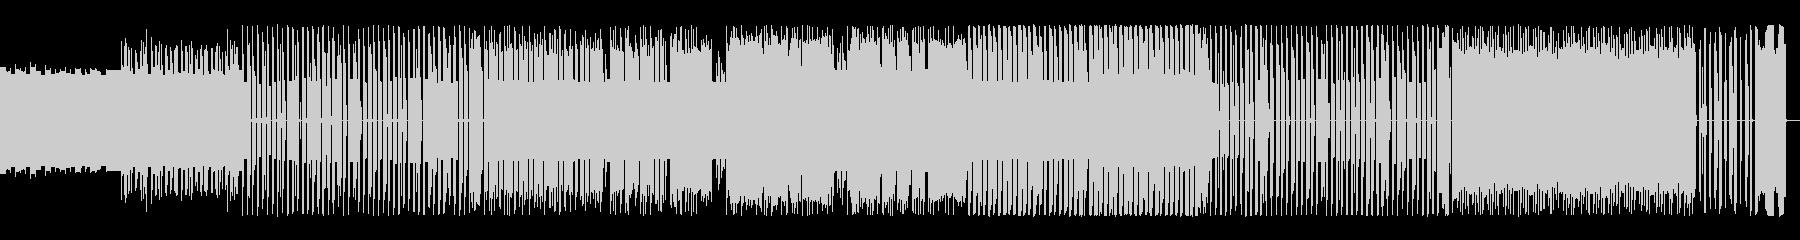 8bit優雅でコミカルな不思議のワルツの未再生の波形